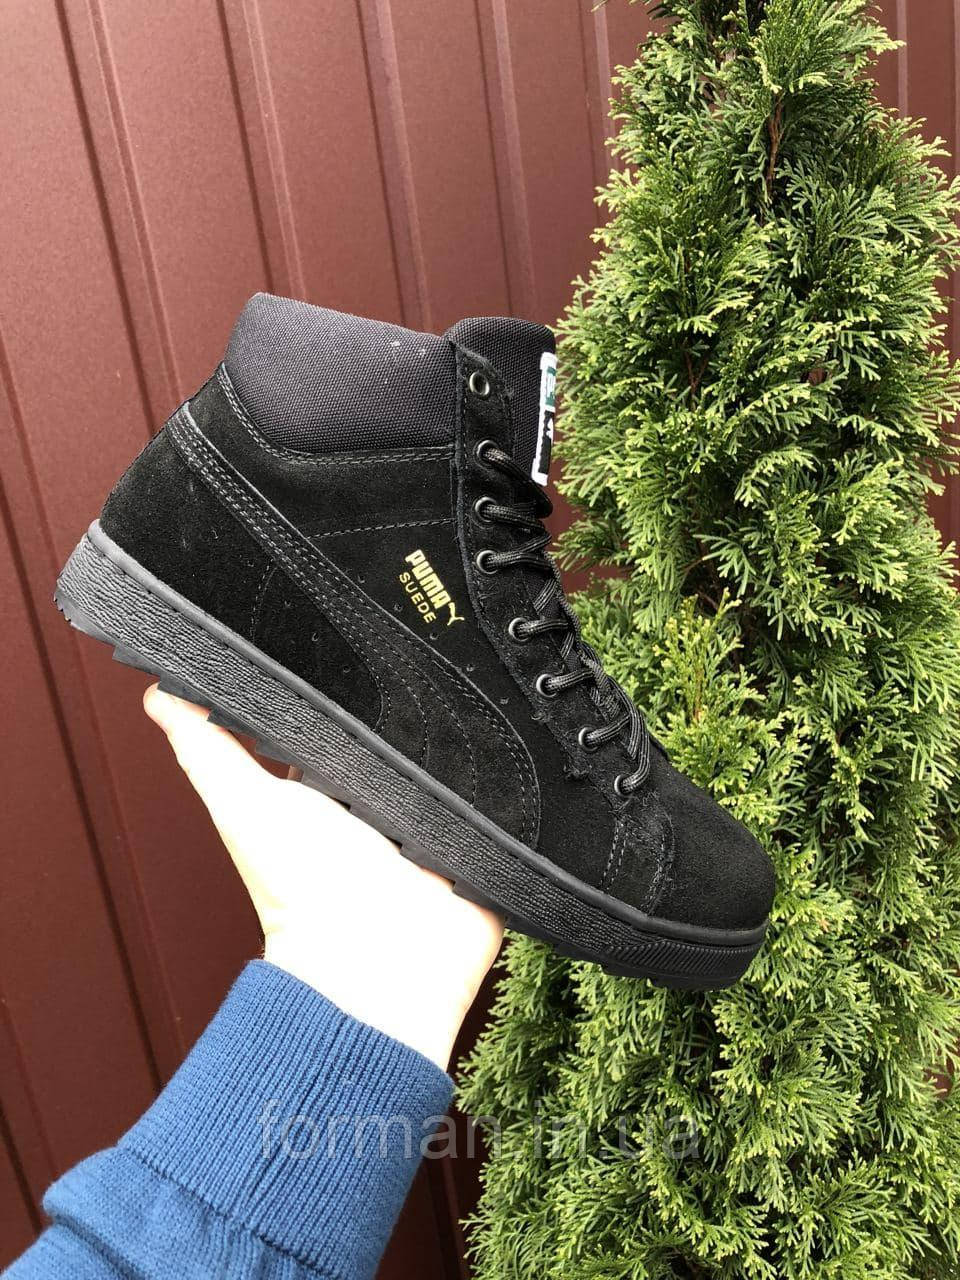 Мужские замшевые кроссовки Puma Suede чёрные на чёрной подошве